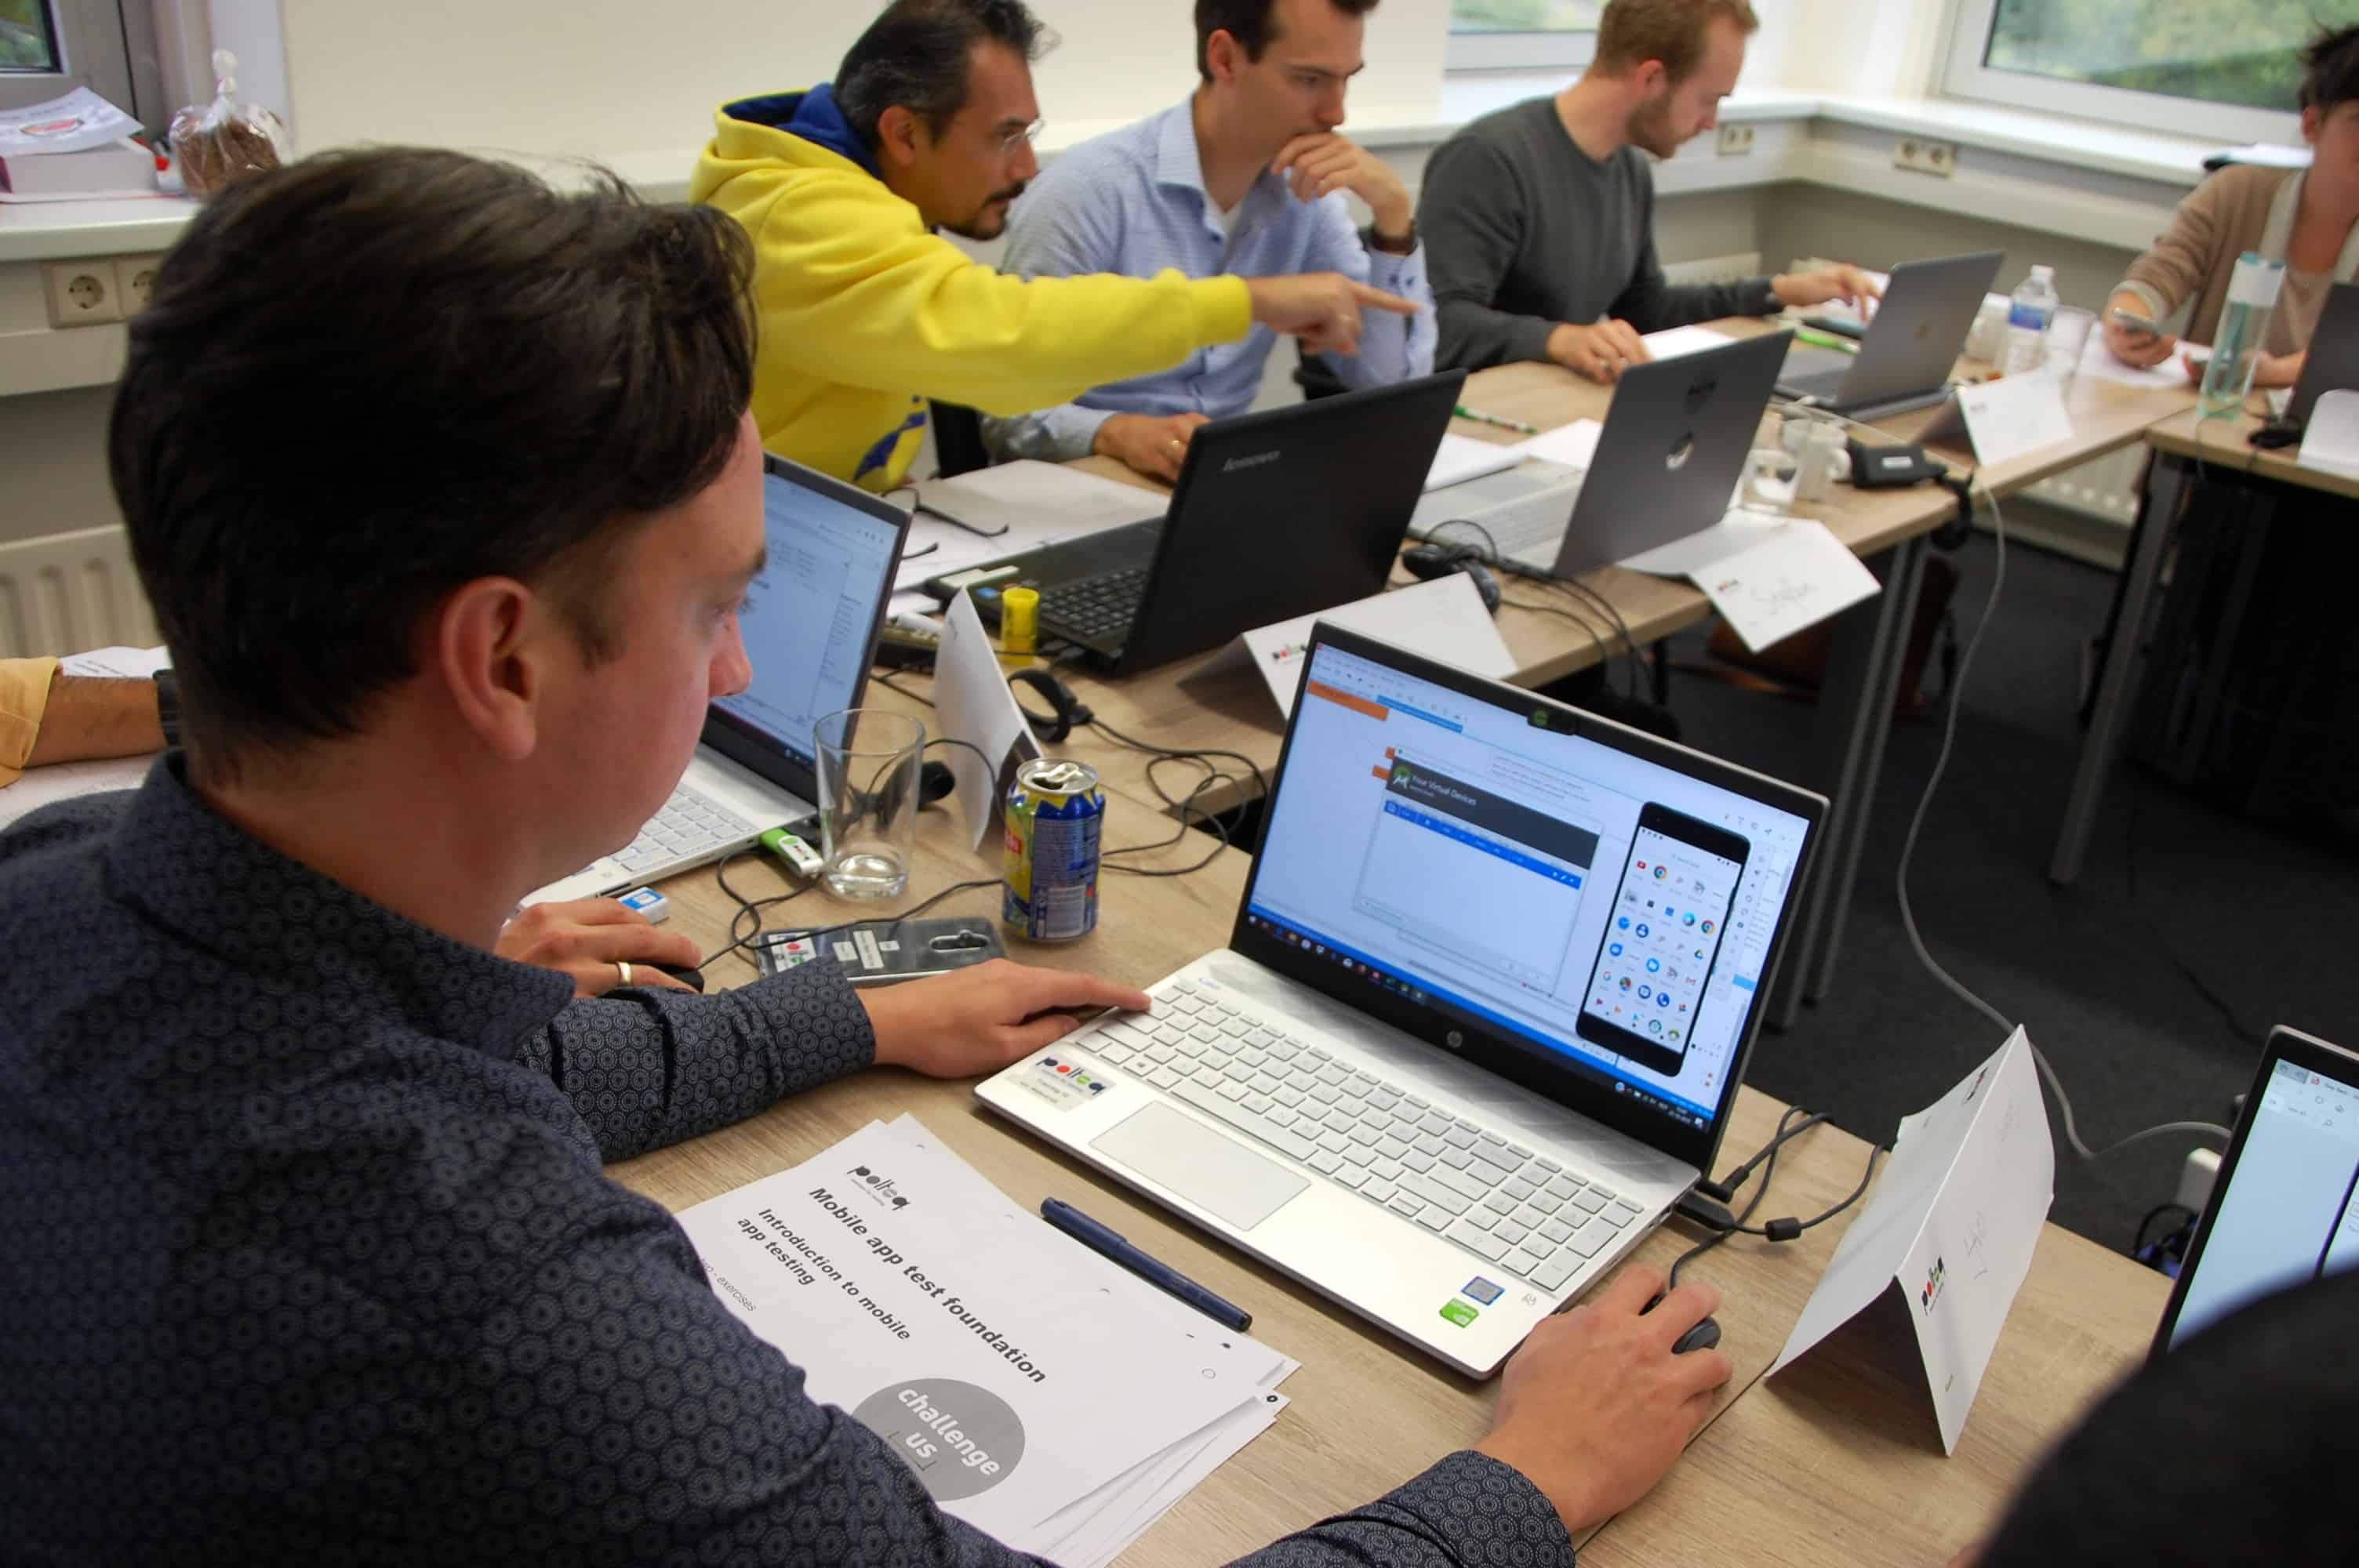 Yvo Kieviet tijdens de module 'Mobile App Testing' van de Masterclass.